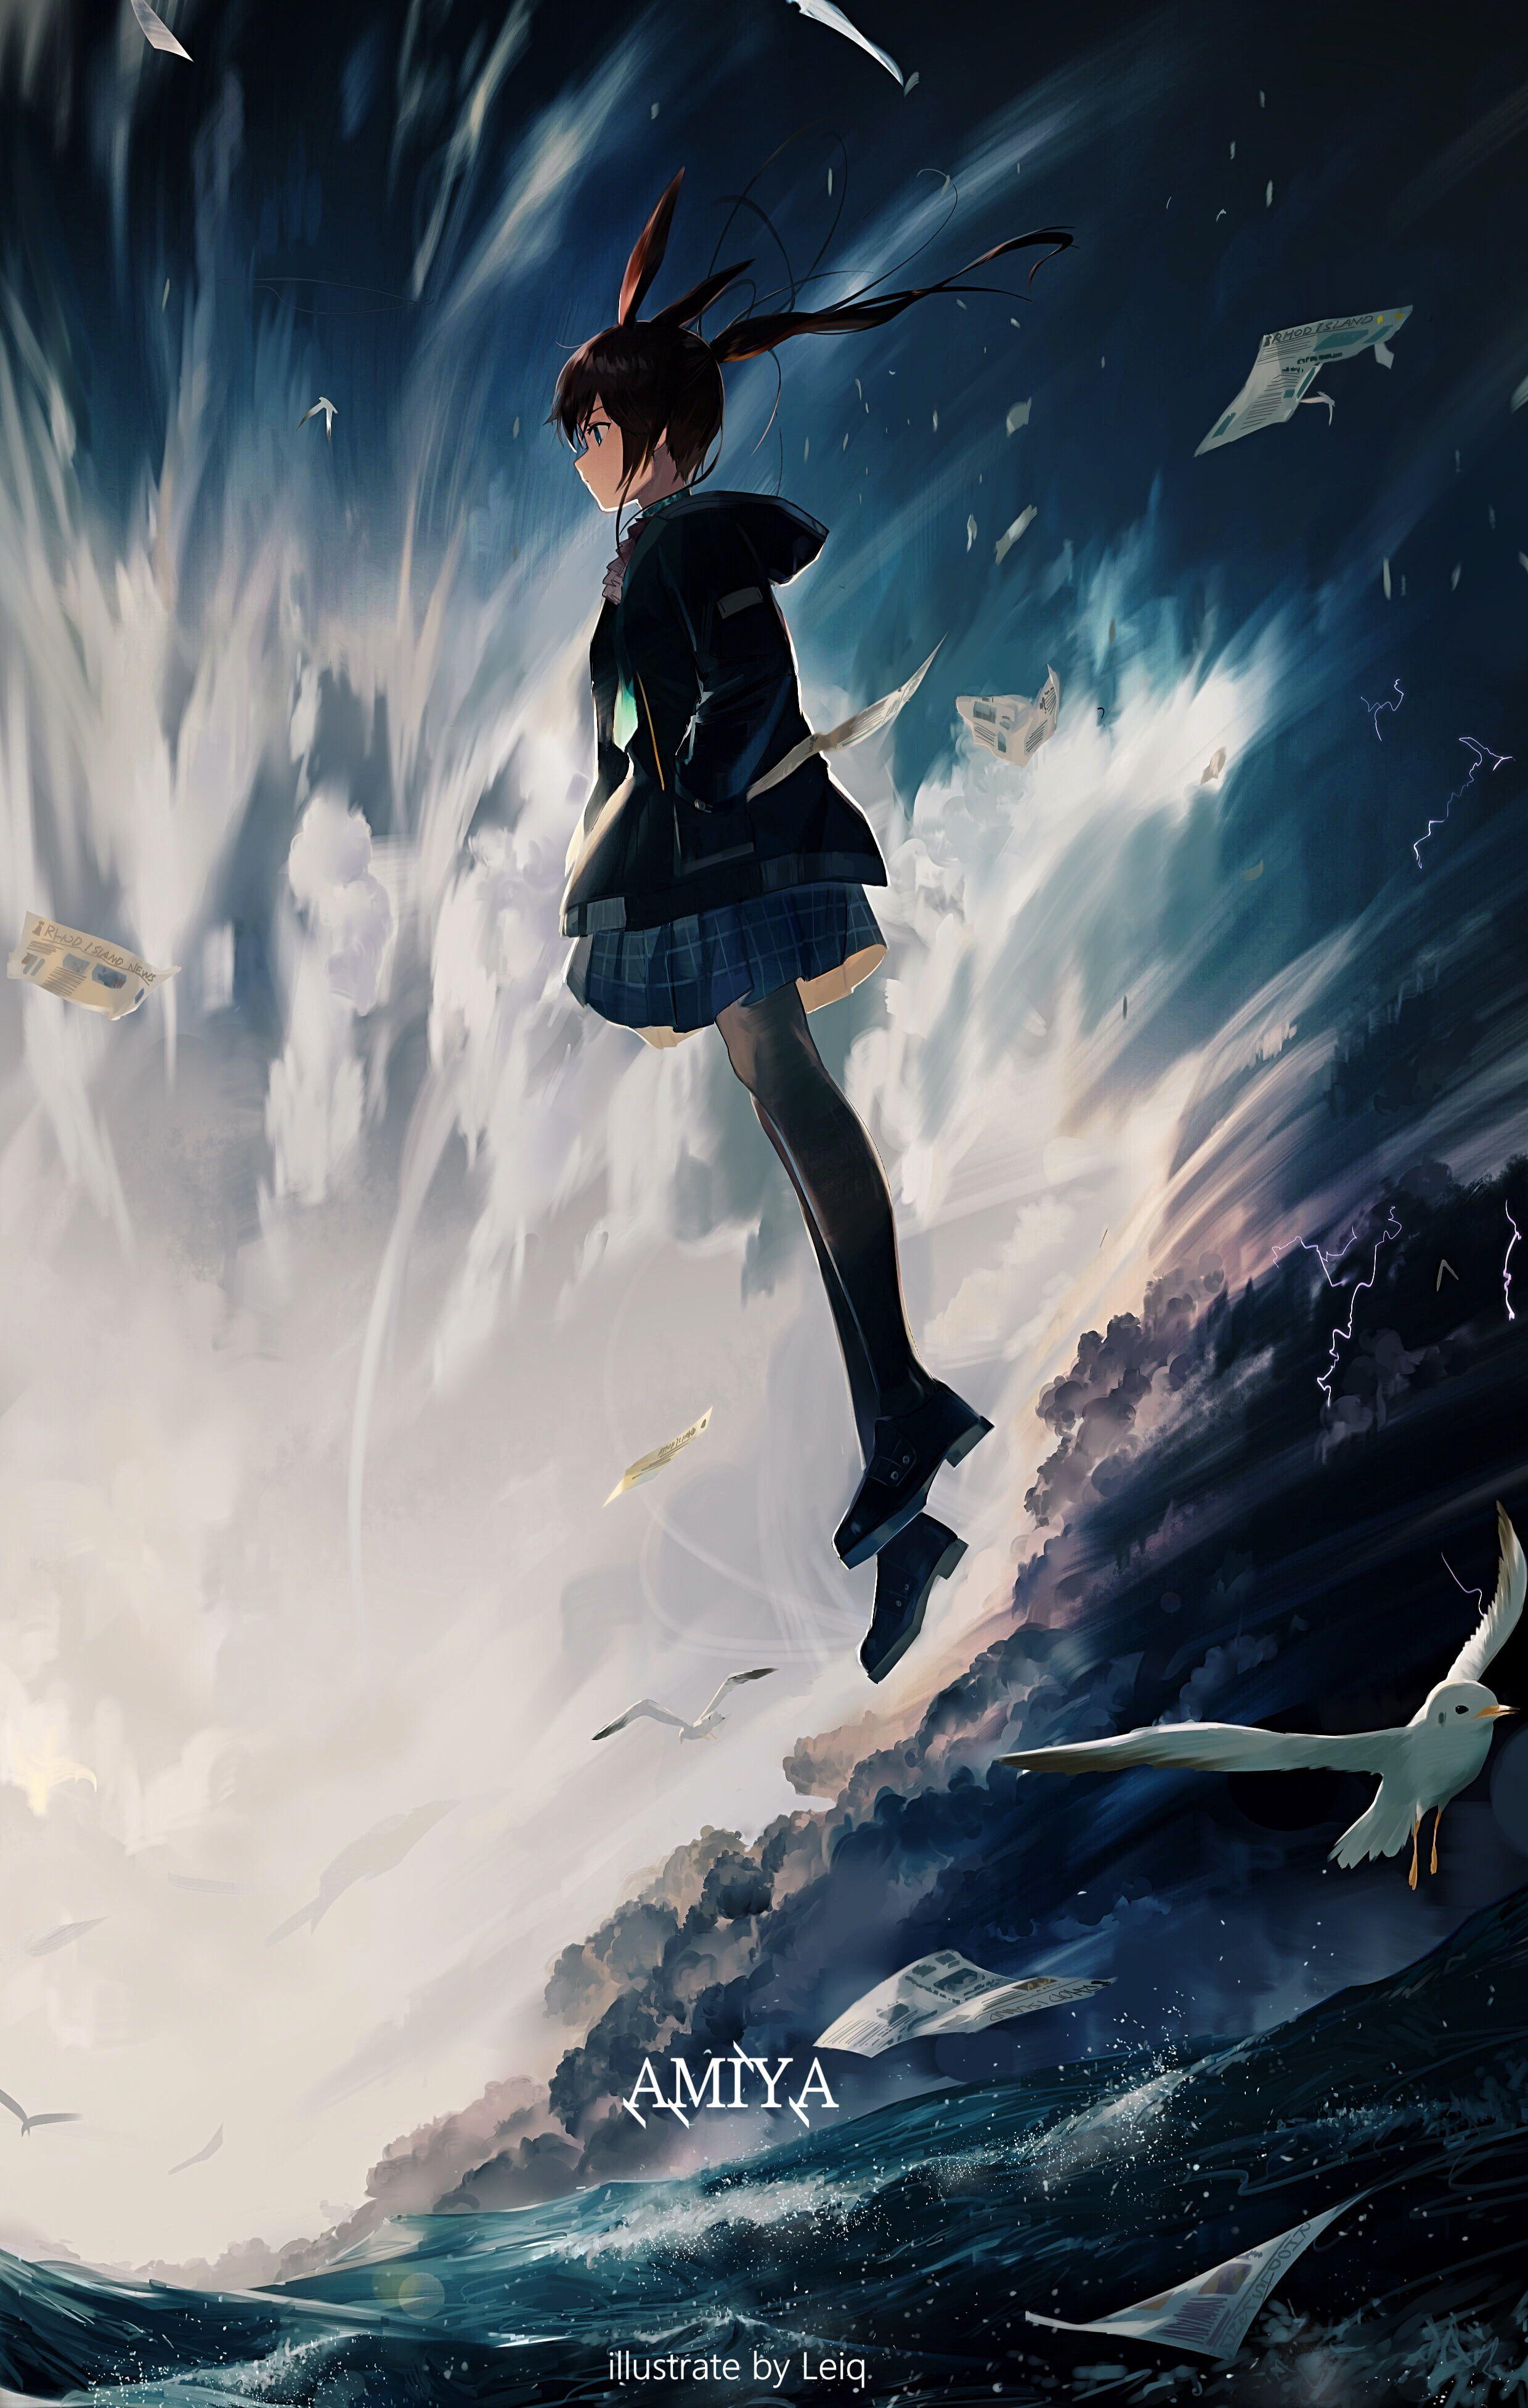 anime anime girls sea Arknights Leiq (artista) 4K